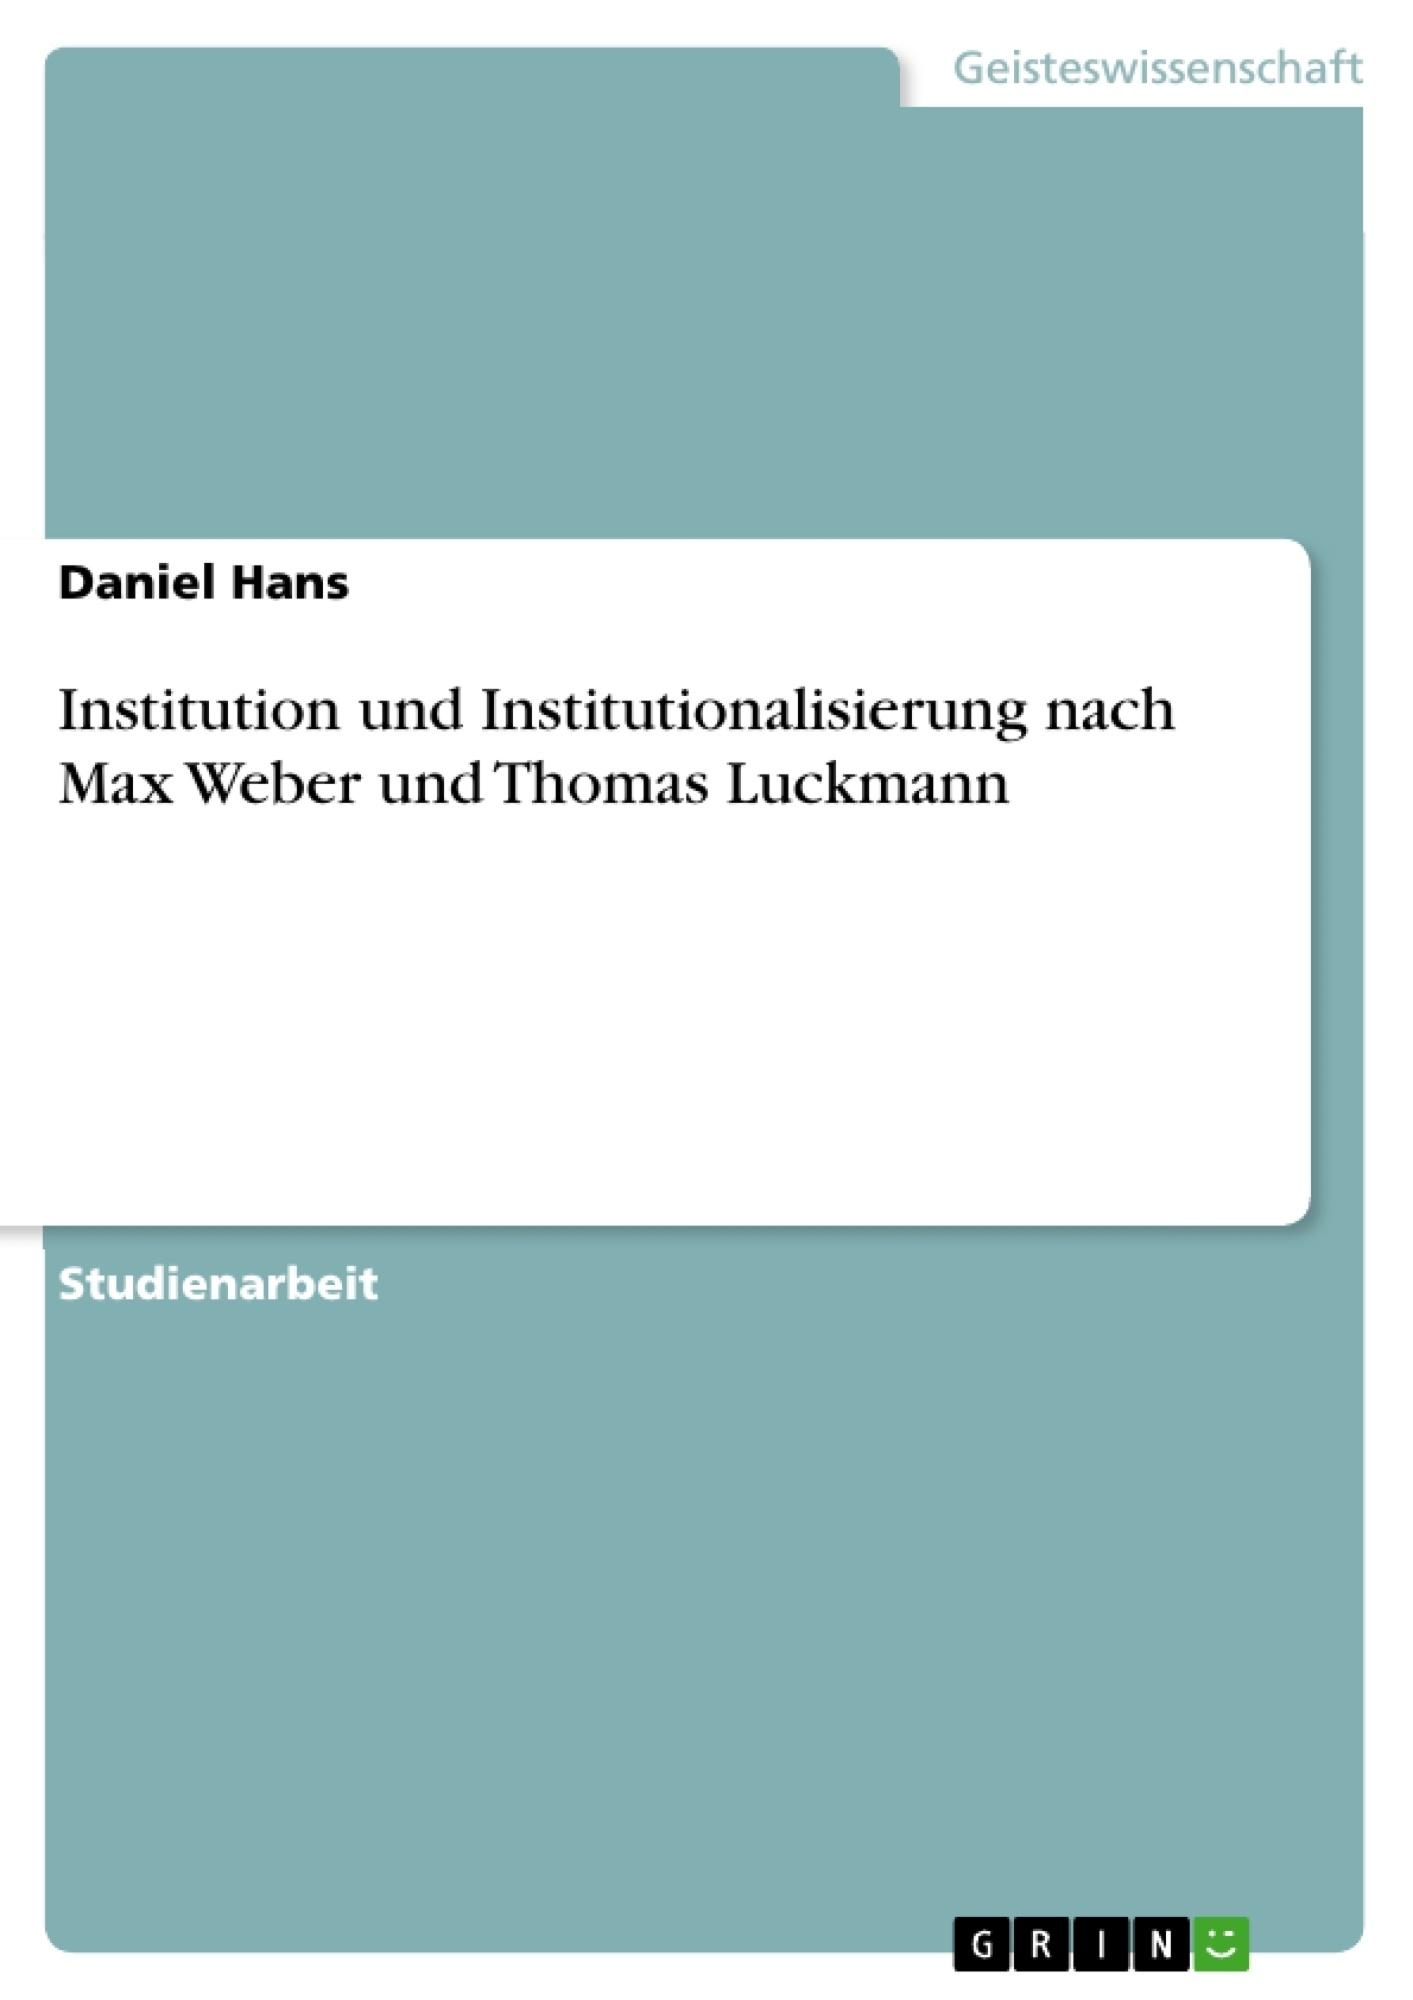 Titel: Institution und Institutionalisierung nach Max Weber und Thomas Luckmann